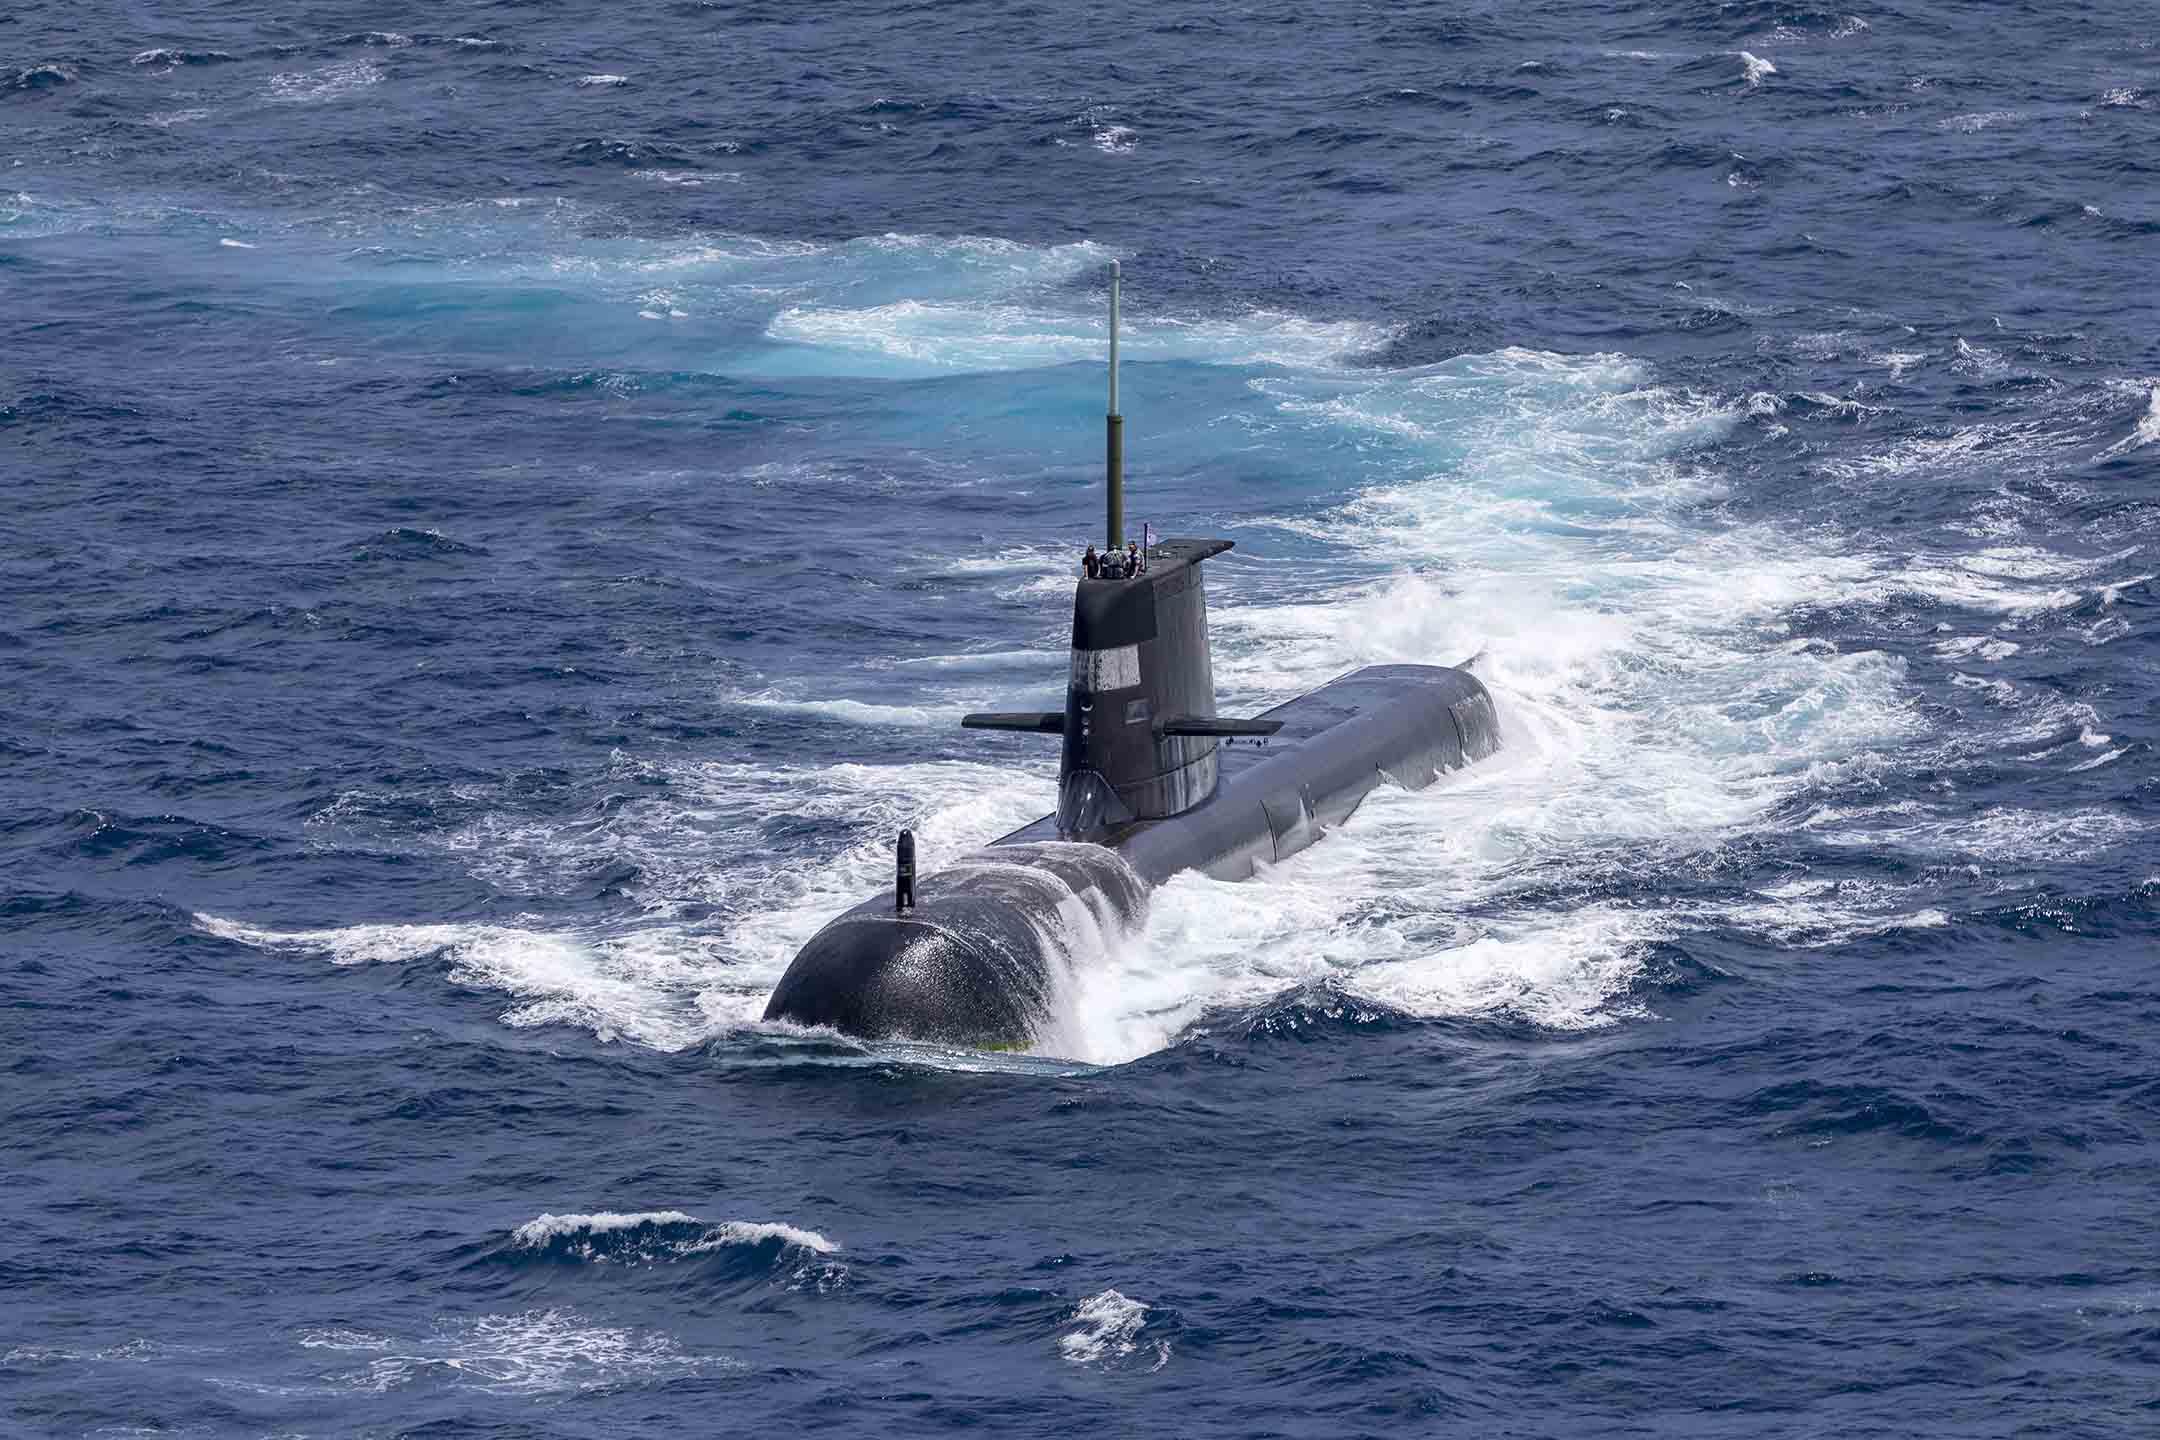 2021年9月5日澳大利亞達爾文,澳大利亞皇家海軍潛艇出現,這是澳大利亞海軍和印度海軍兩年一度的海上演習。 攝:POIS Yuri Ramsey/Australian Defence Force via Getty Images